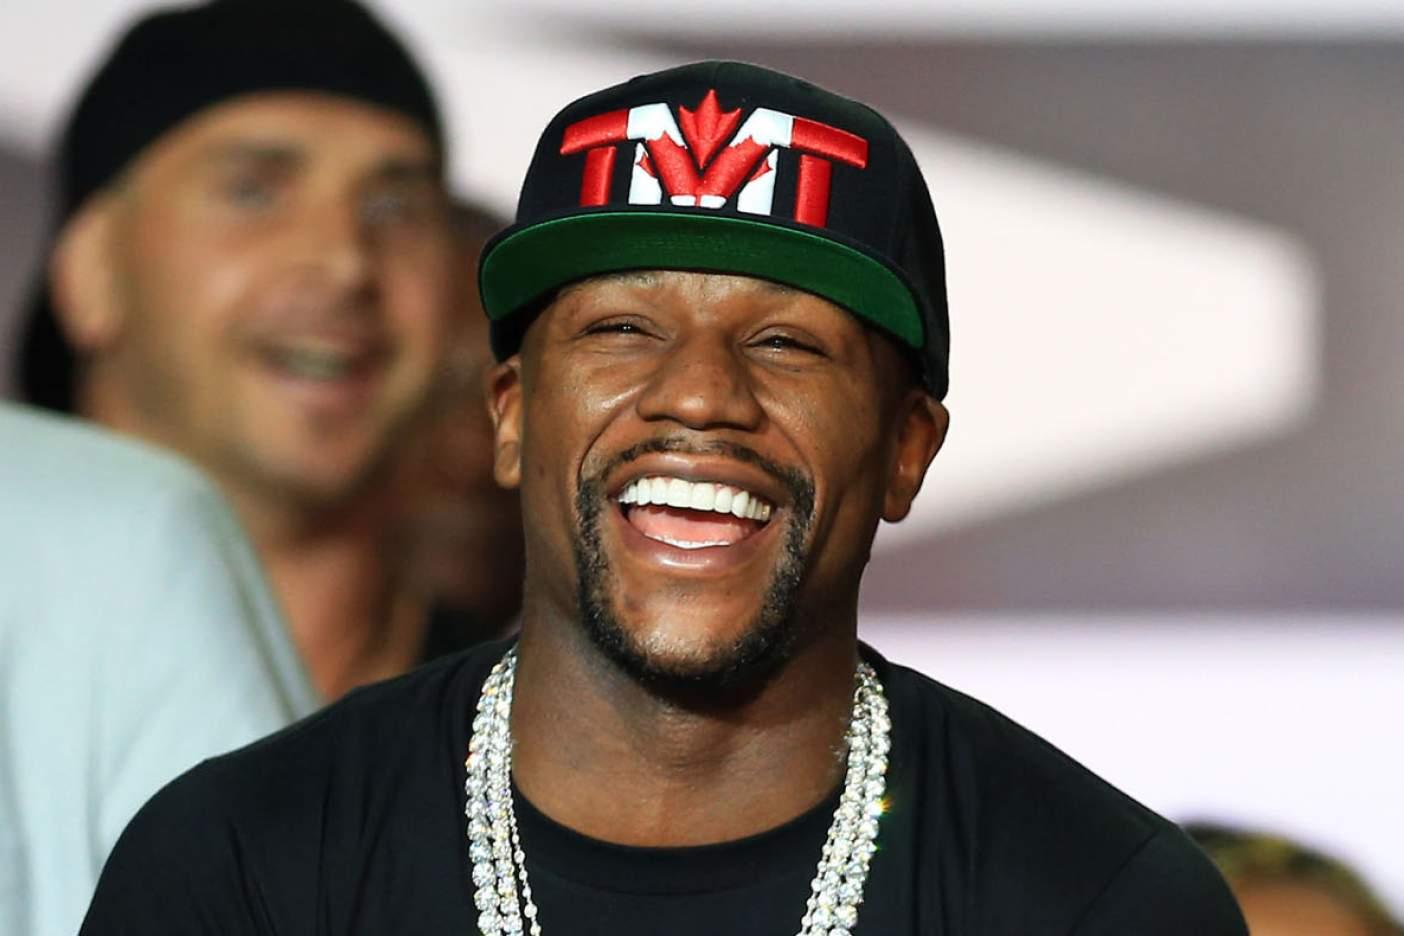 Aseguran que Floyd Mayweather se encuentra negociando con la UFC